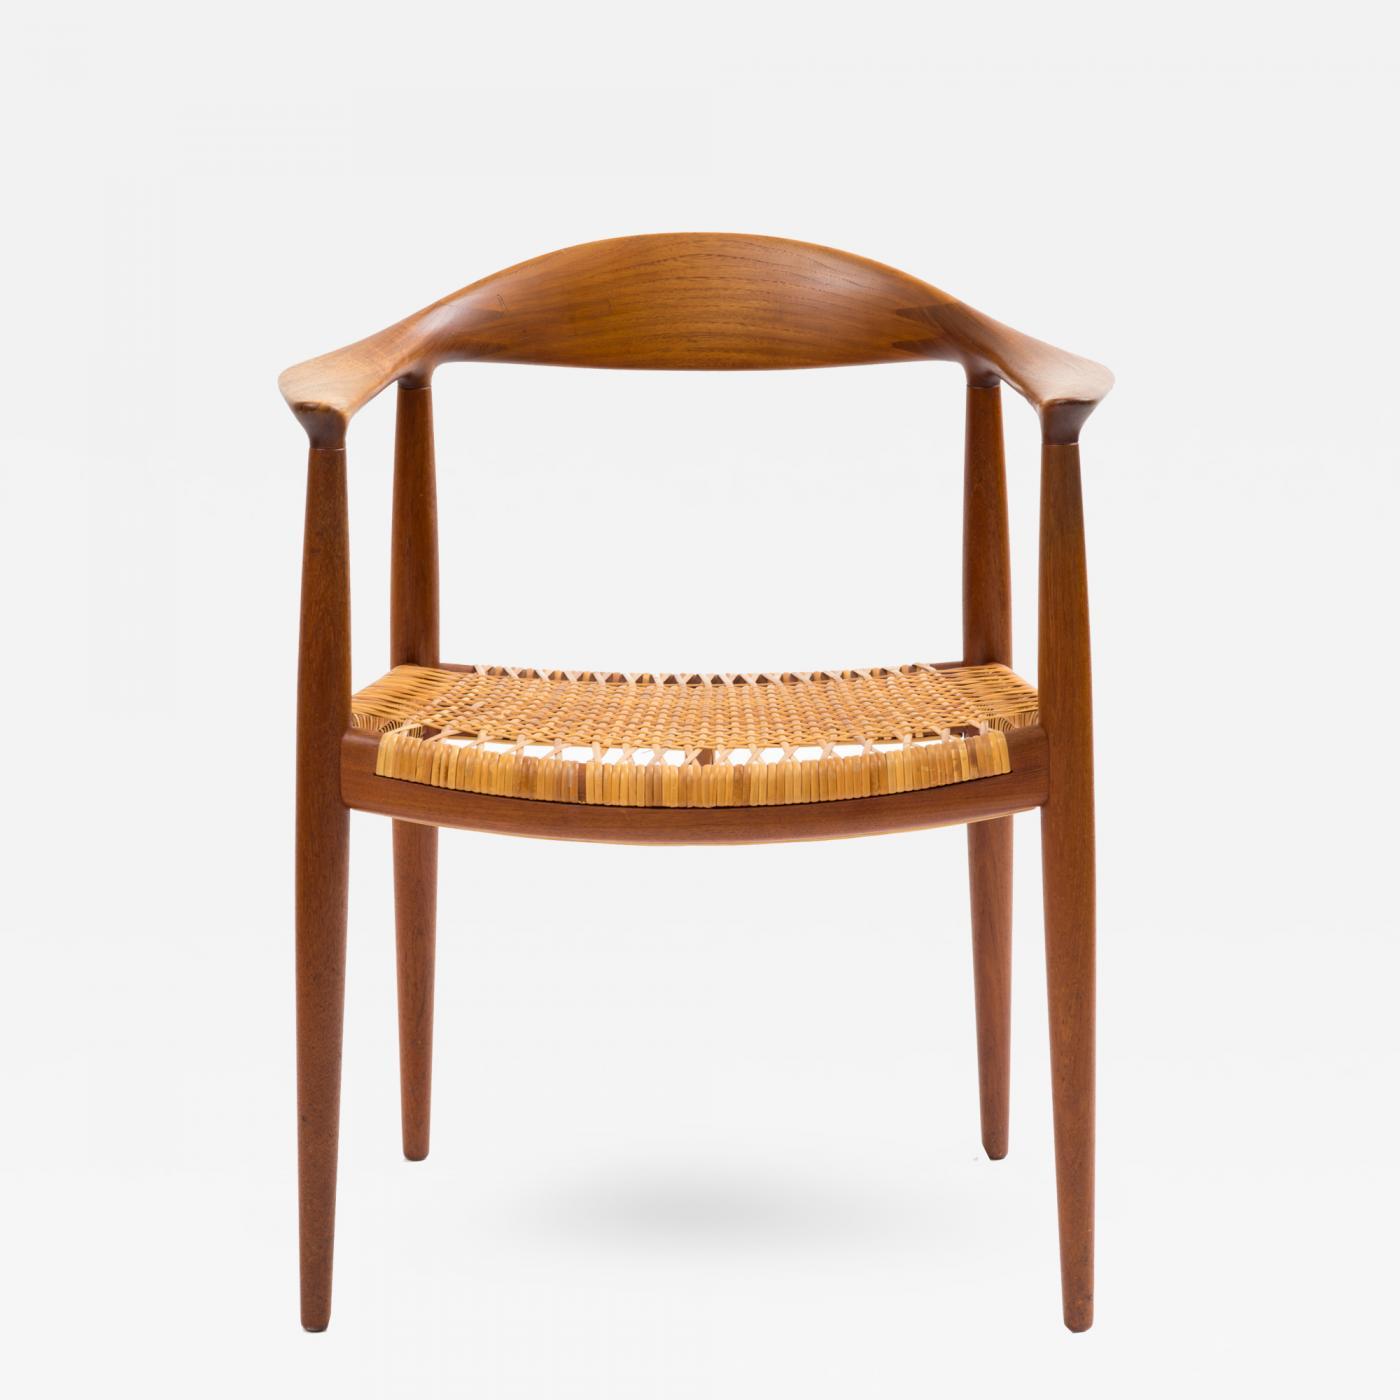 Hans Wegner Hans J Wegner Round Chair In Teak With